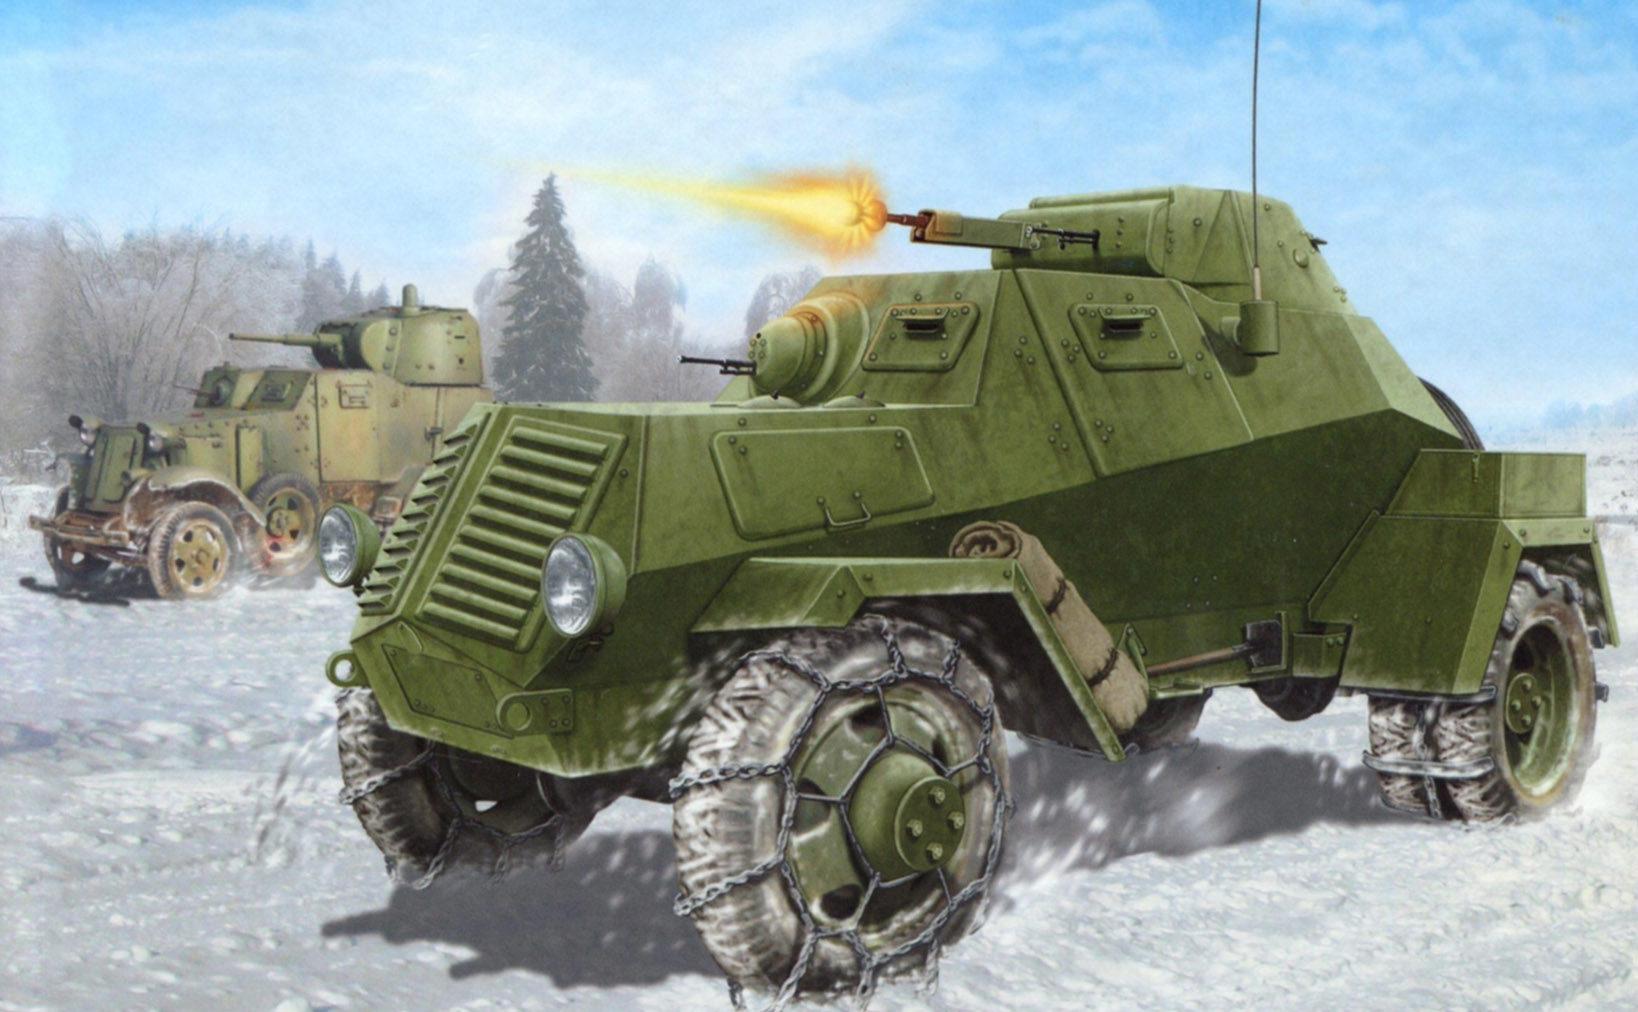 Петелин Валерий. Опытный бронеавтомобиль ГАЗ-ЛБ-62.